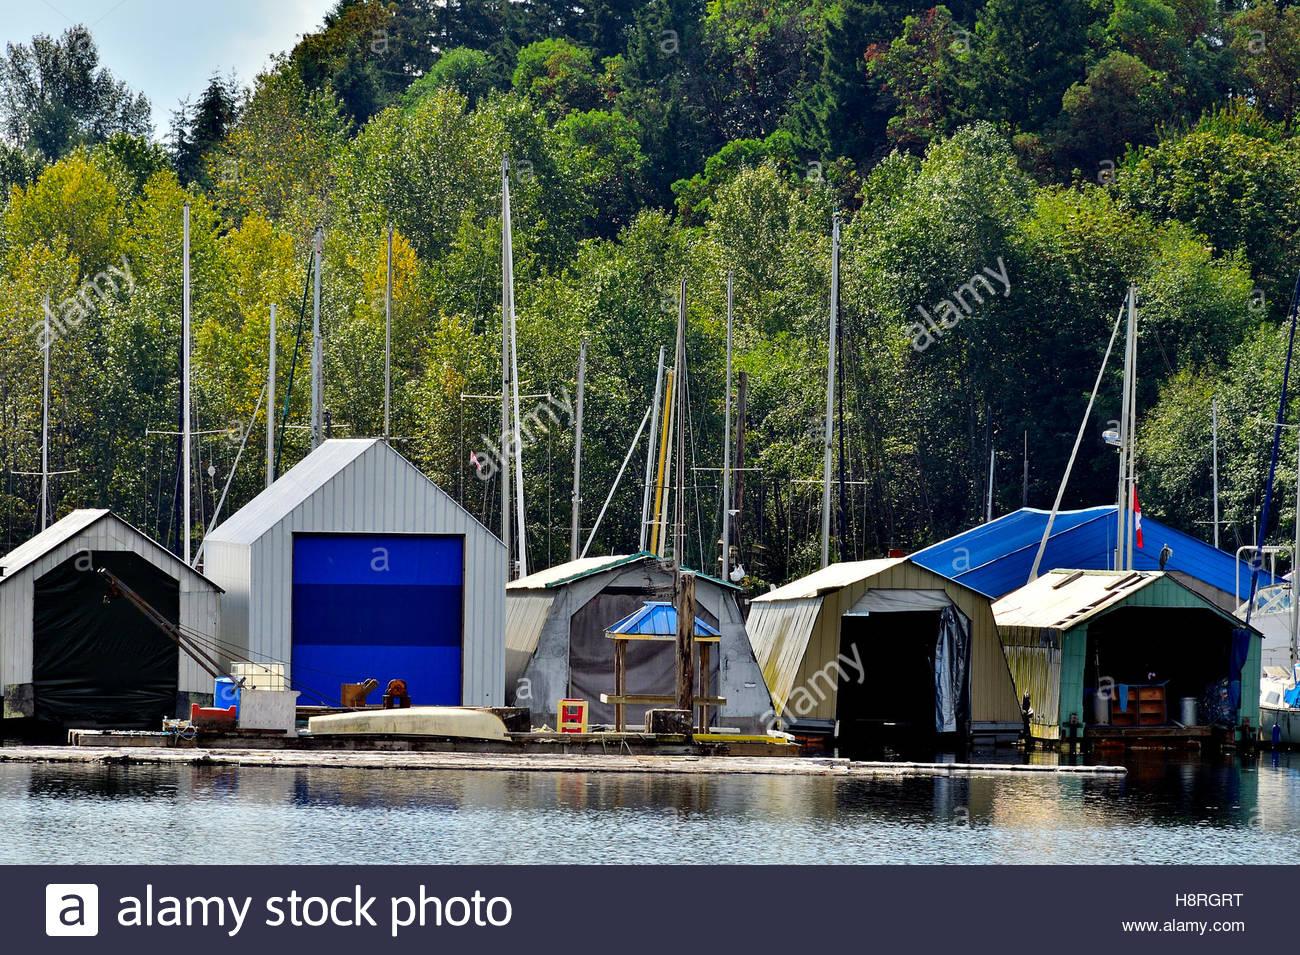 Boat Storage Stock Photos Boat Storage Stock Images Alamy regarding sizing 1300 X 955